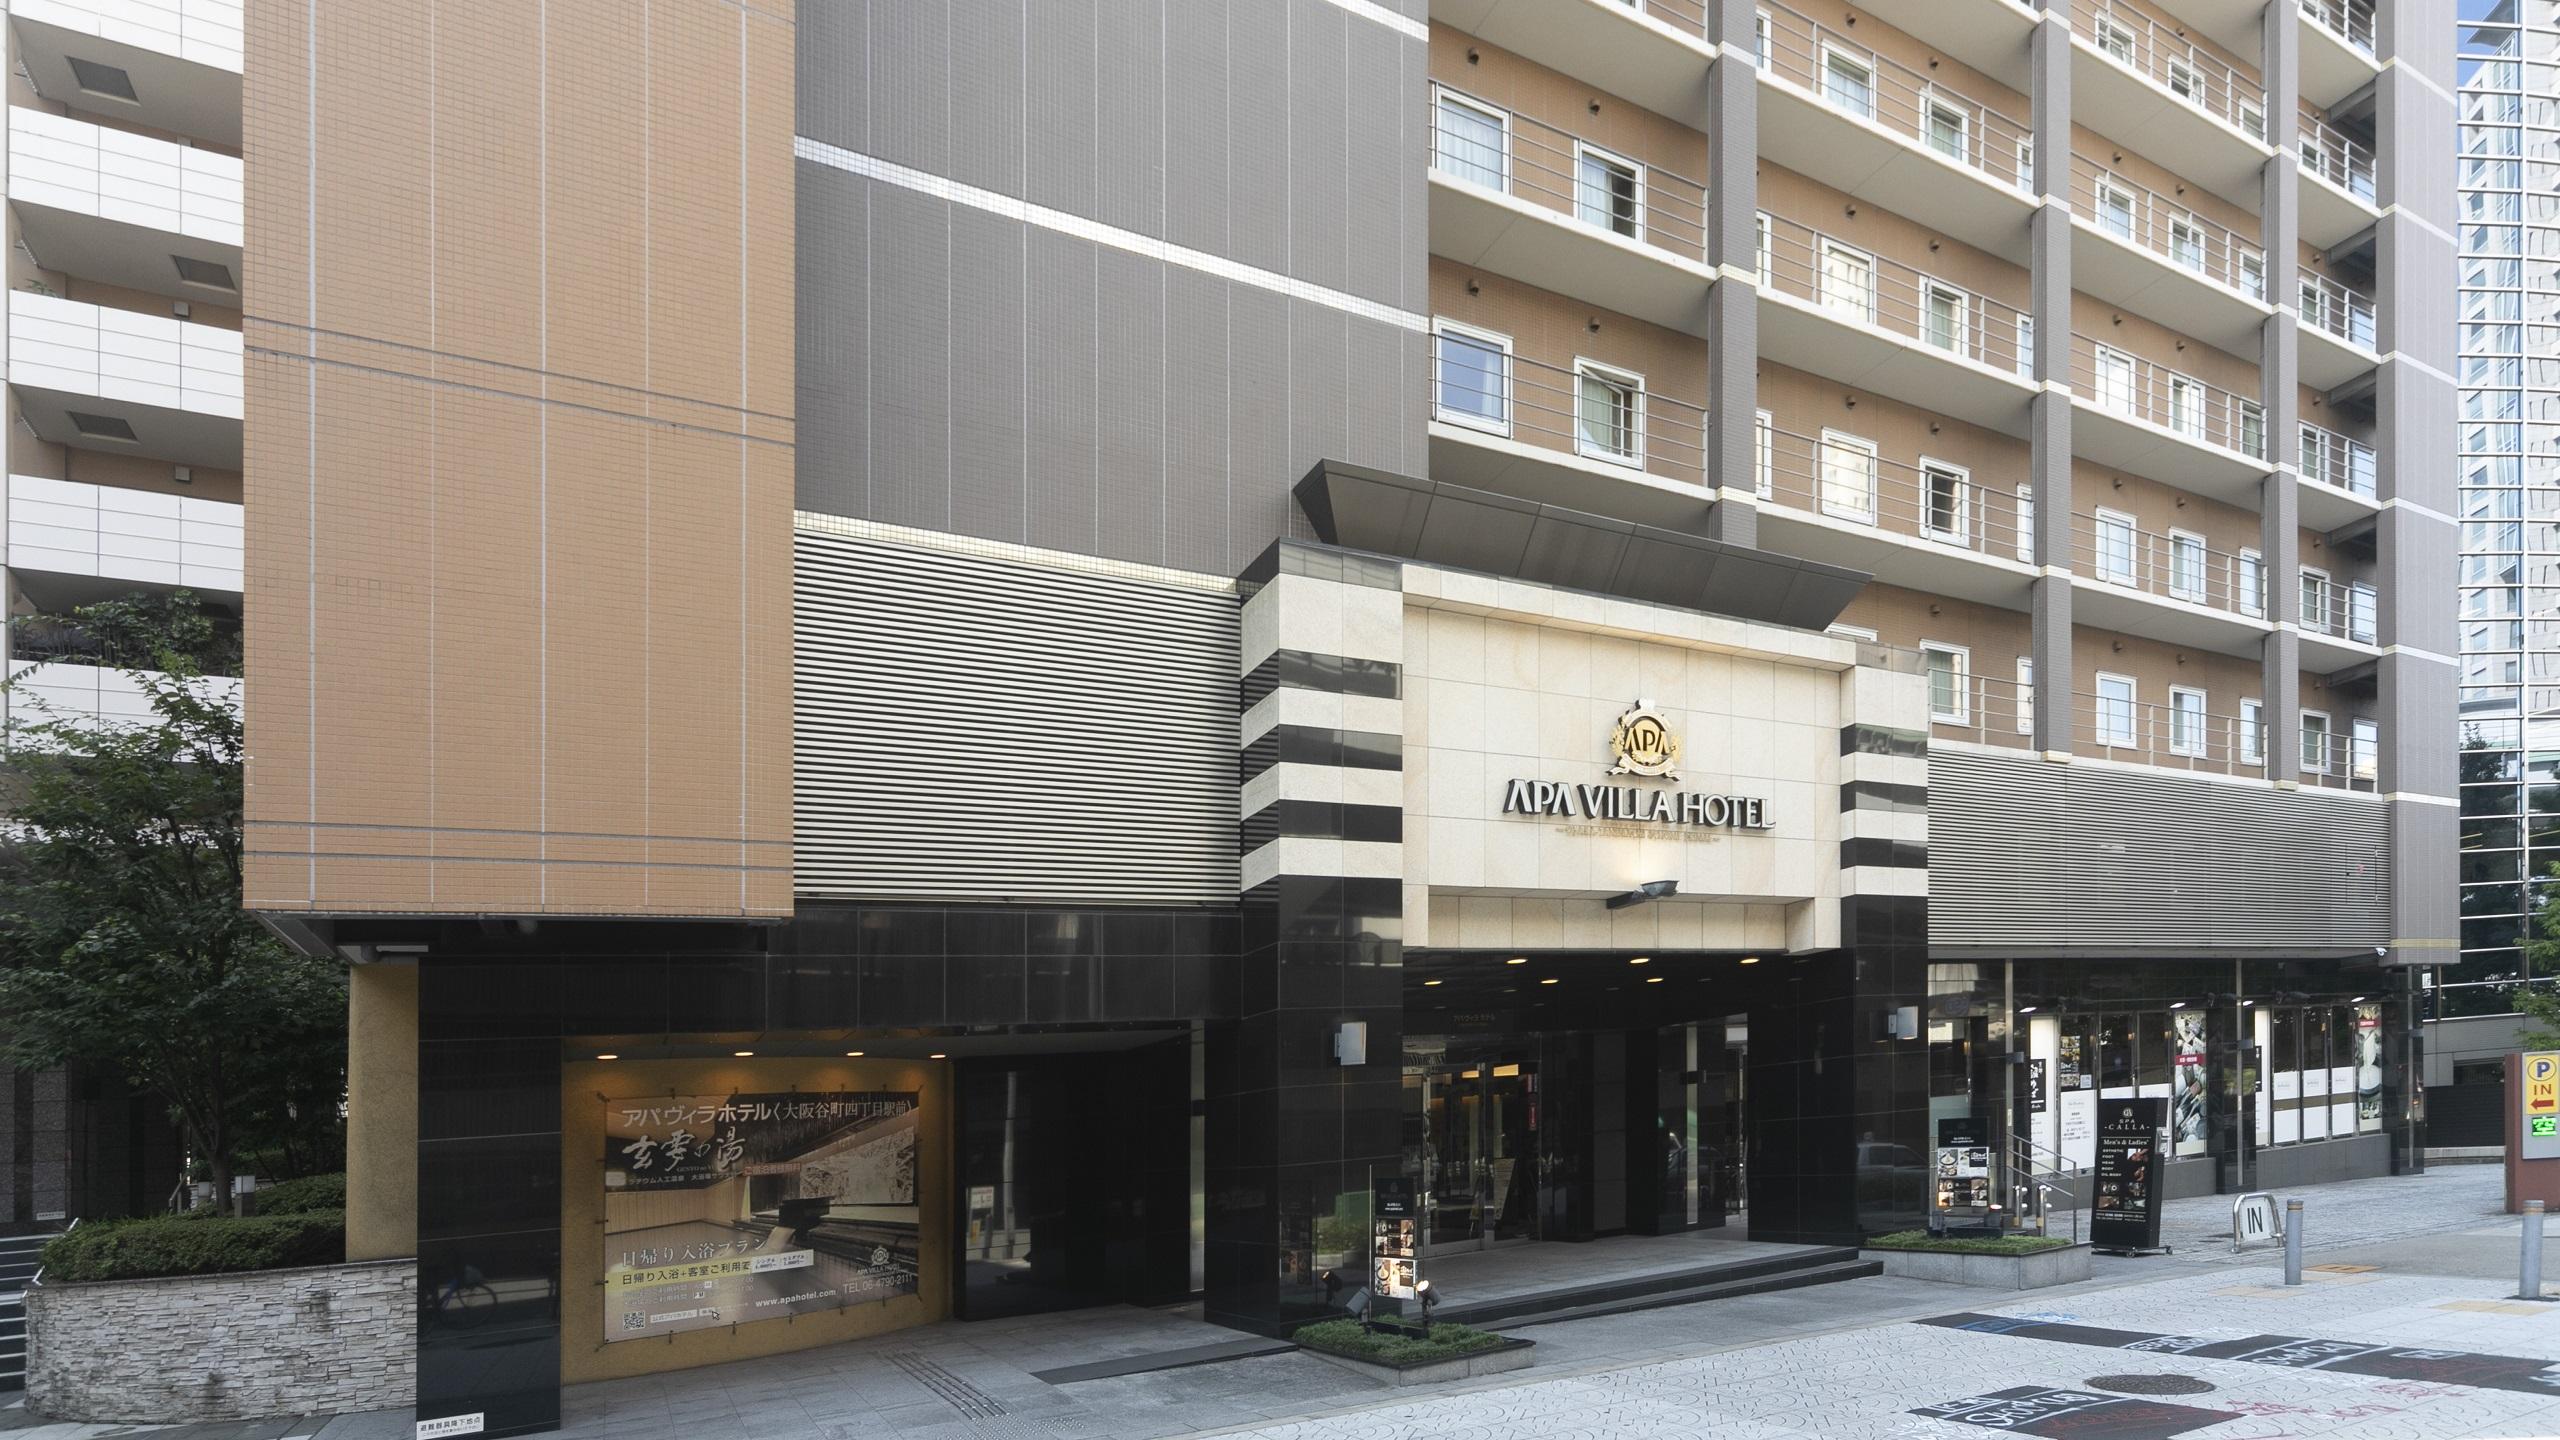 アパヴィラホテル<大阪谷町四丁目駅前>(アパホテルズ&リゾー...